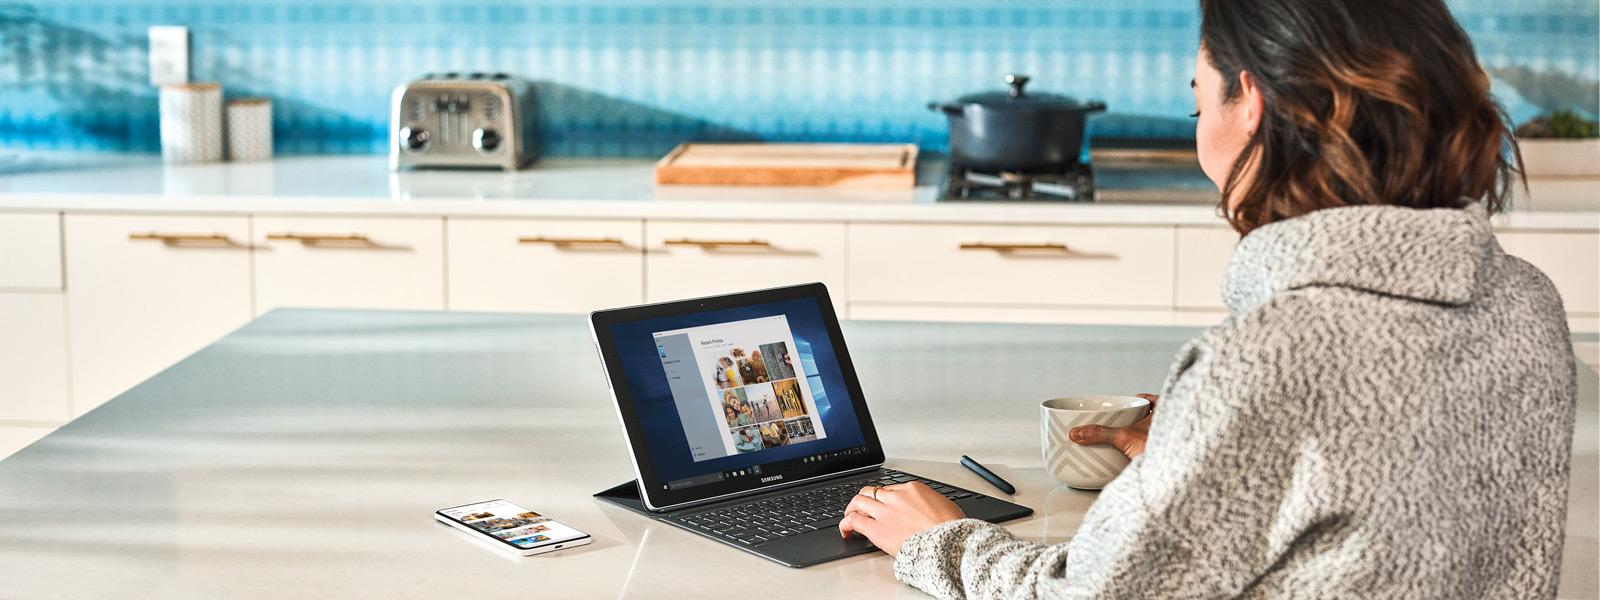 אישה יושבת לצד דלפק במטבח ומשתמשת ב-Windows 10 על מחשב נייד, עם הטלפון הנייד שלה